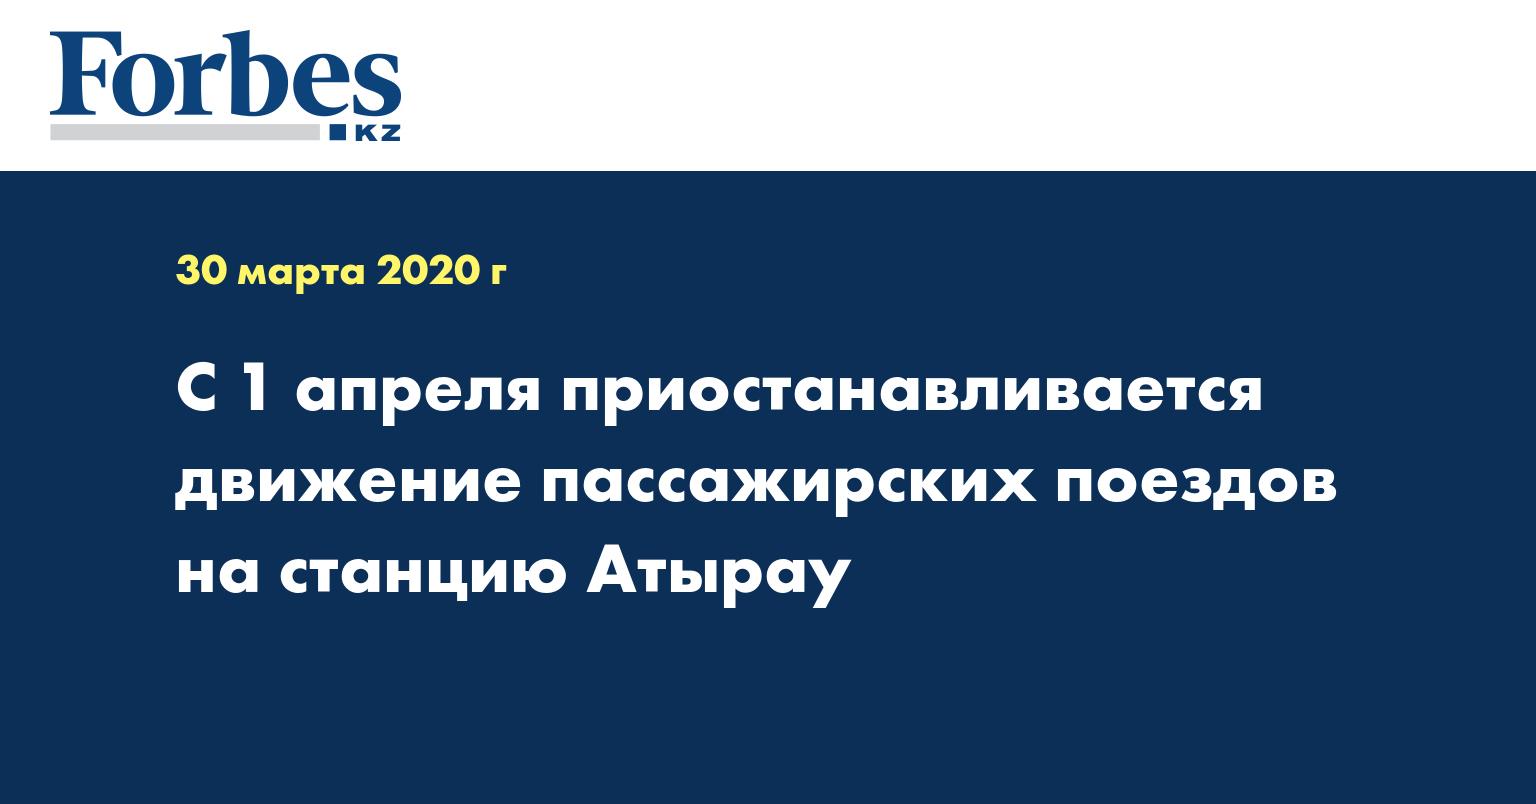 С 1 апреля приостанавливается движение пассажирских поездов на станцию Атырау